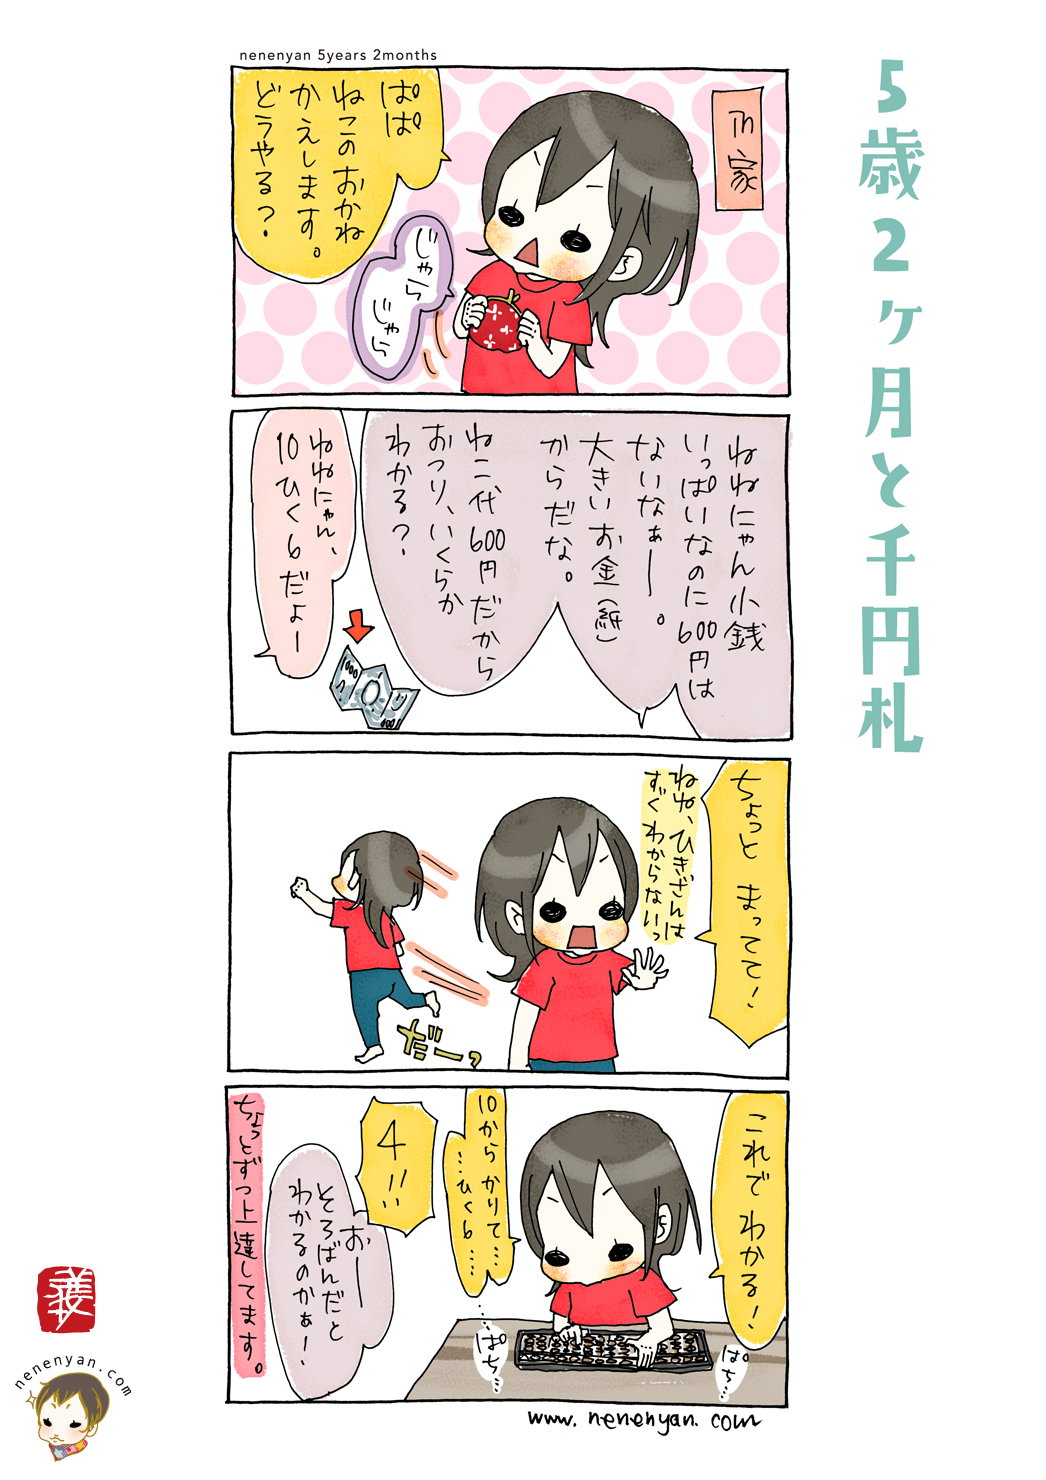 5歳2ヶ月と千円札